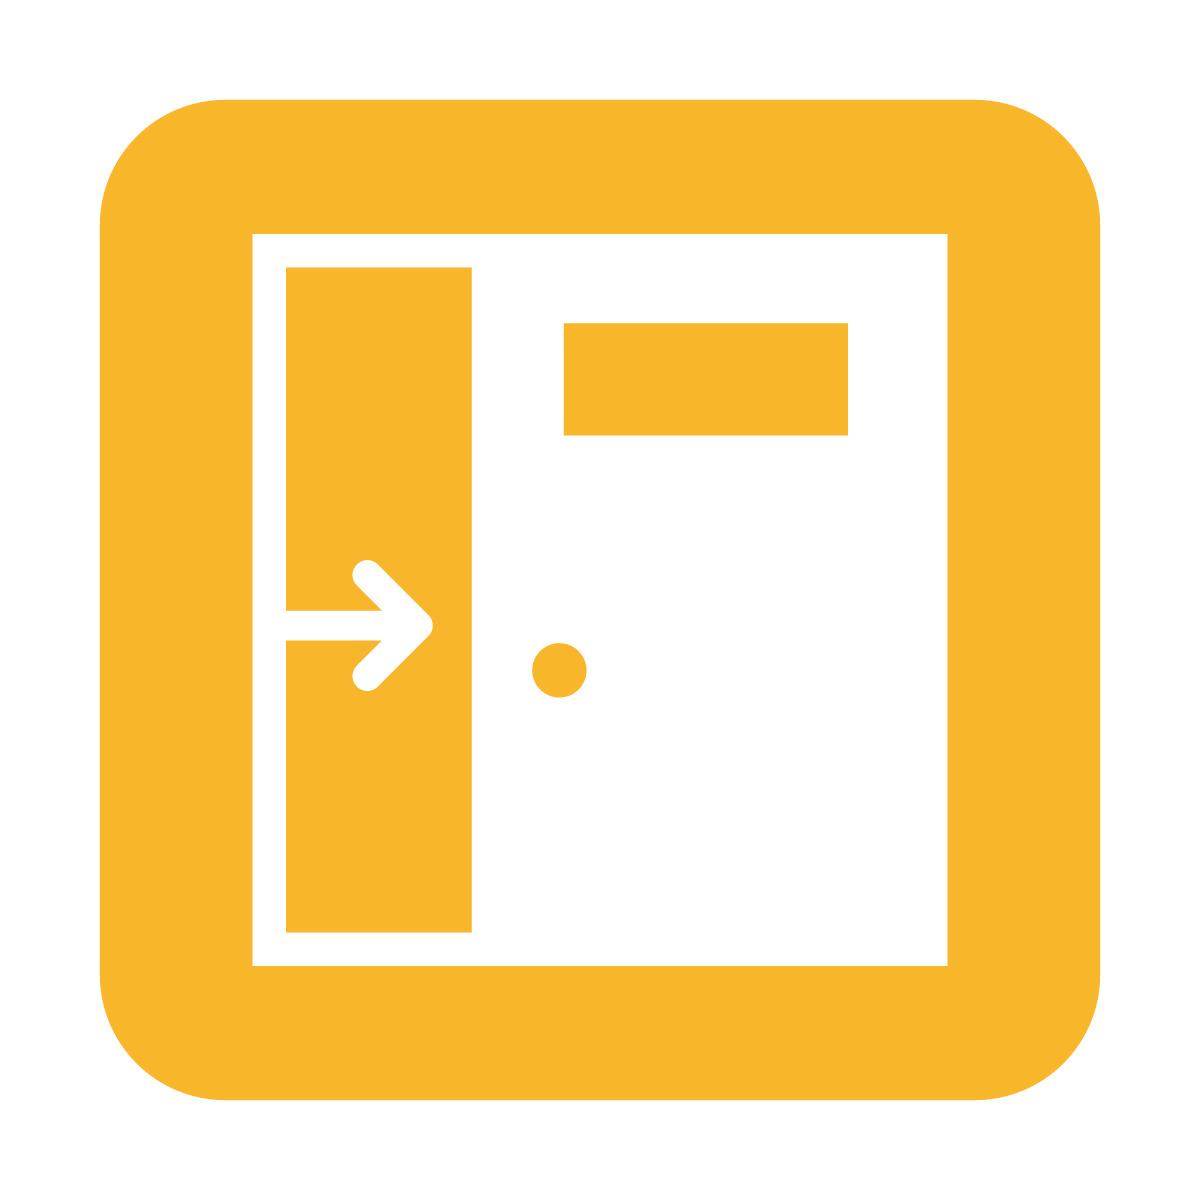 黄色の引き戸・スライドドア案内マークのカッティングステッカー・シール